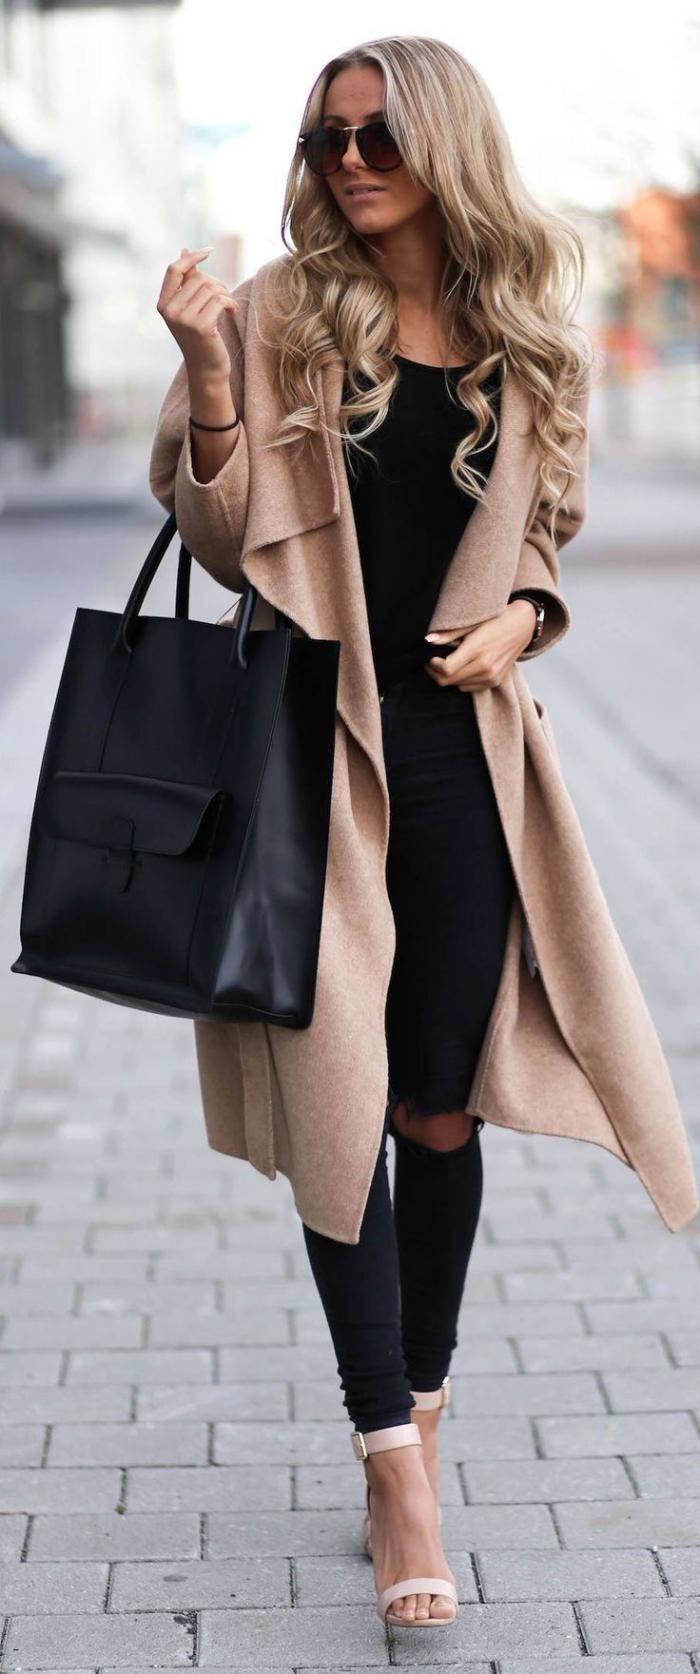 manteau en laine bouillie, beau modèle pour femme moderne